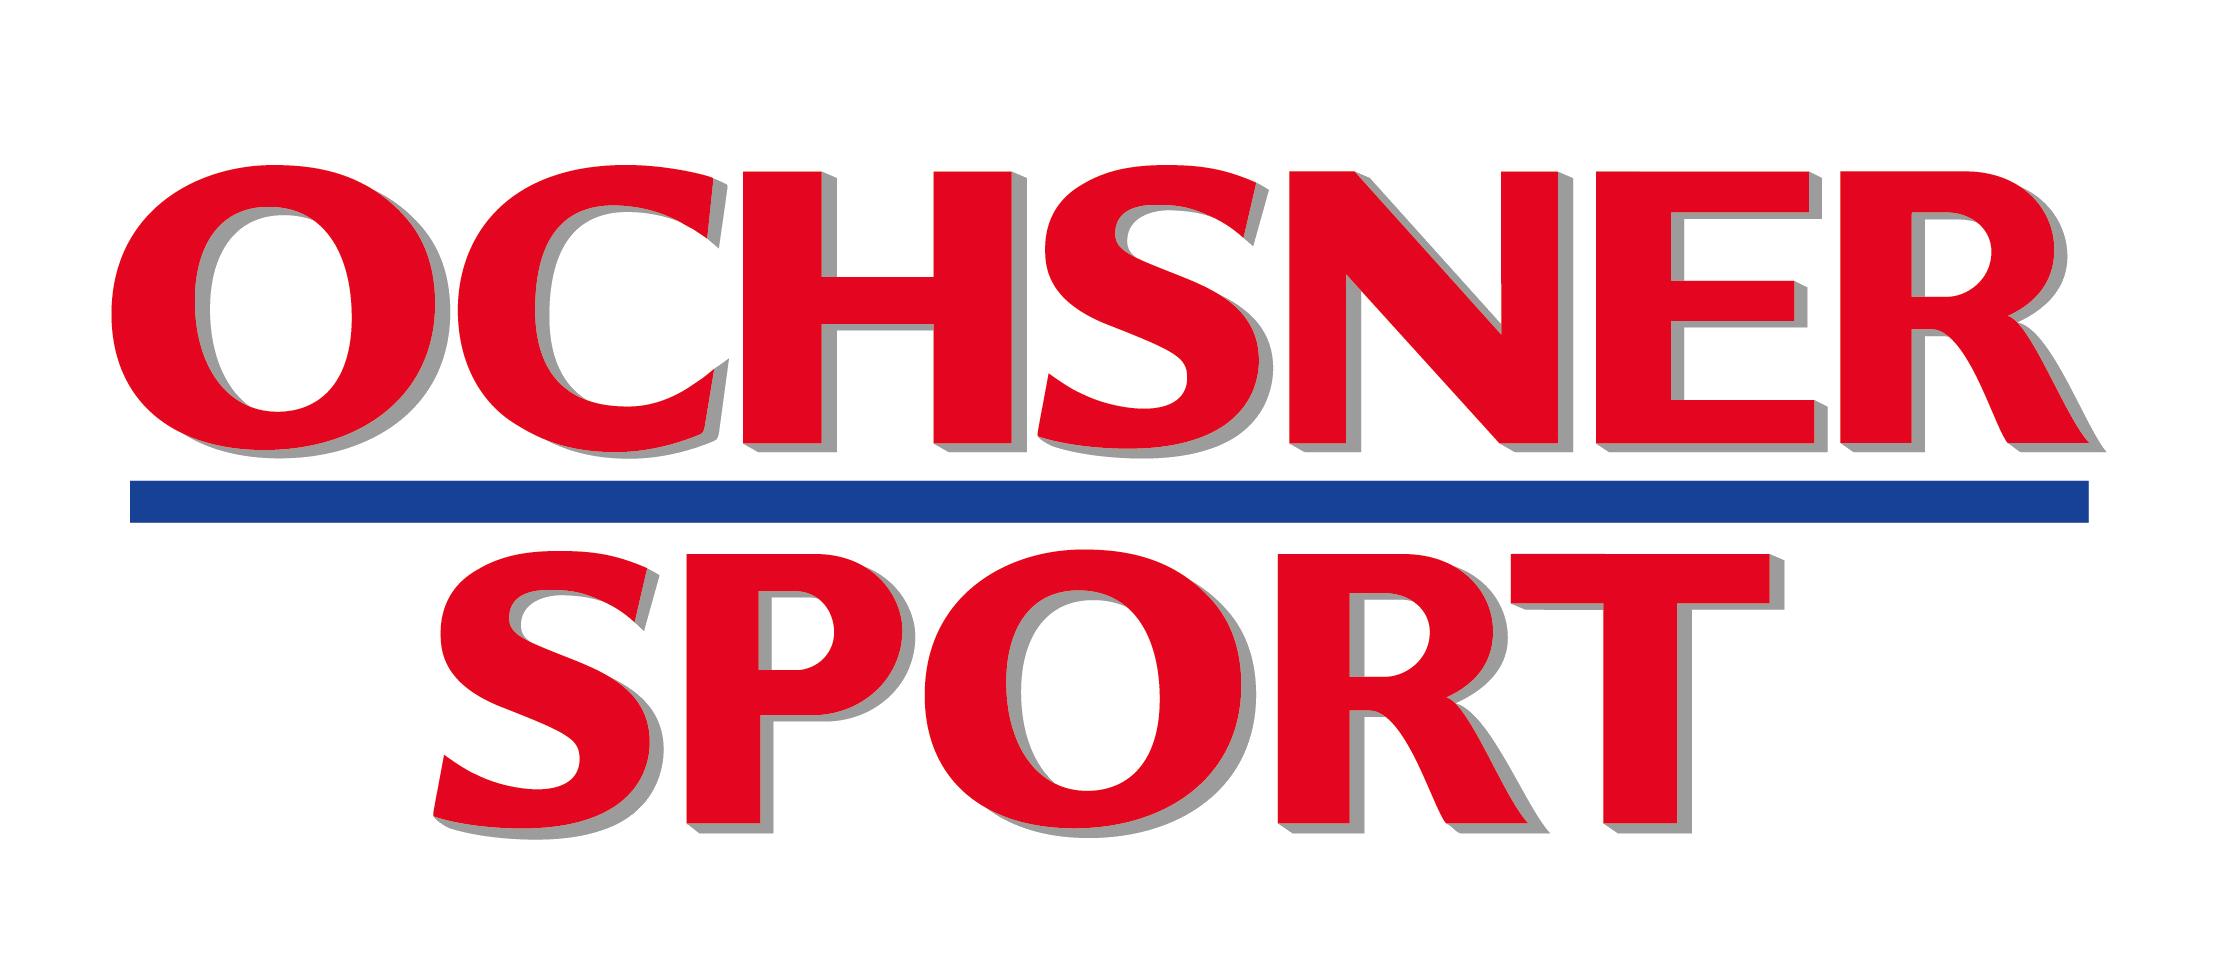 ochsner-sport-2_zeiler-mit-weissem-hg